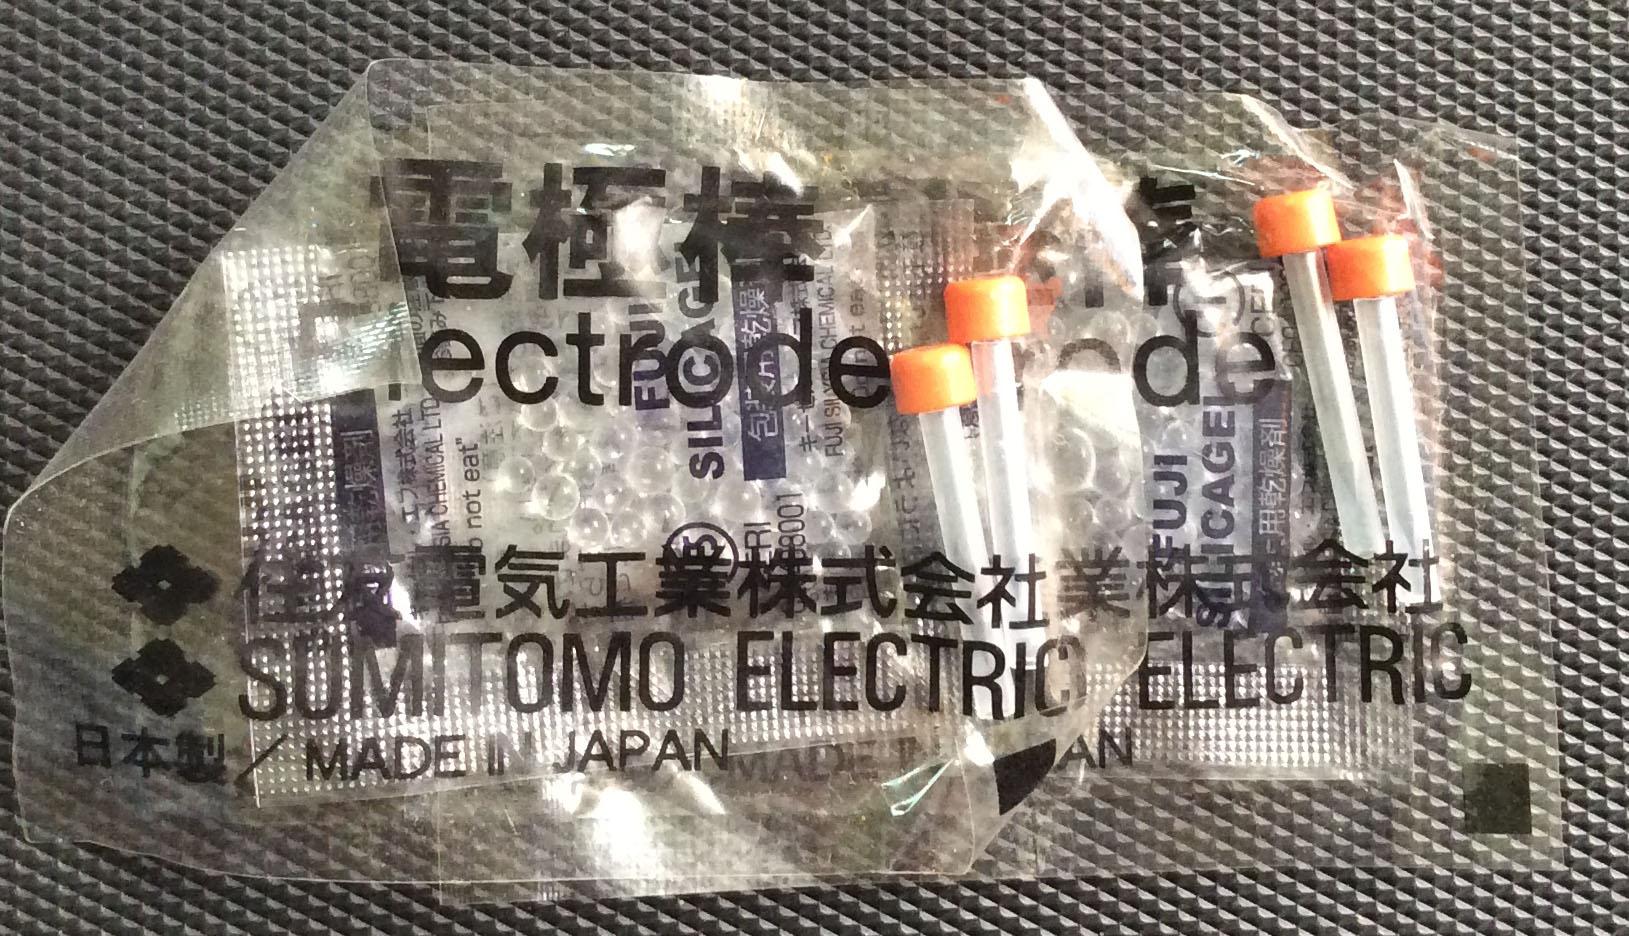 ER 10 sumitomo electrode kim máy hàn